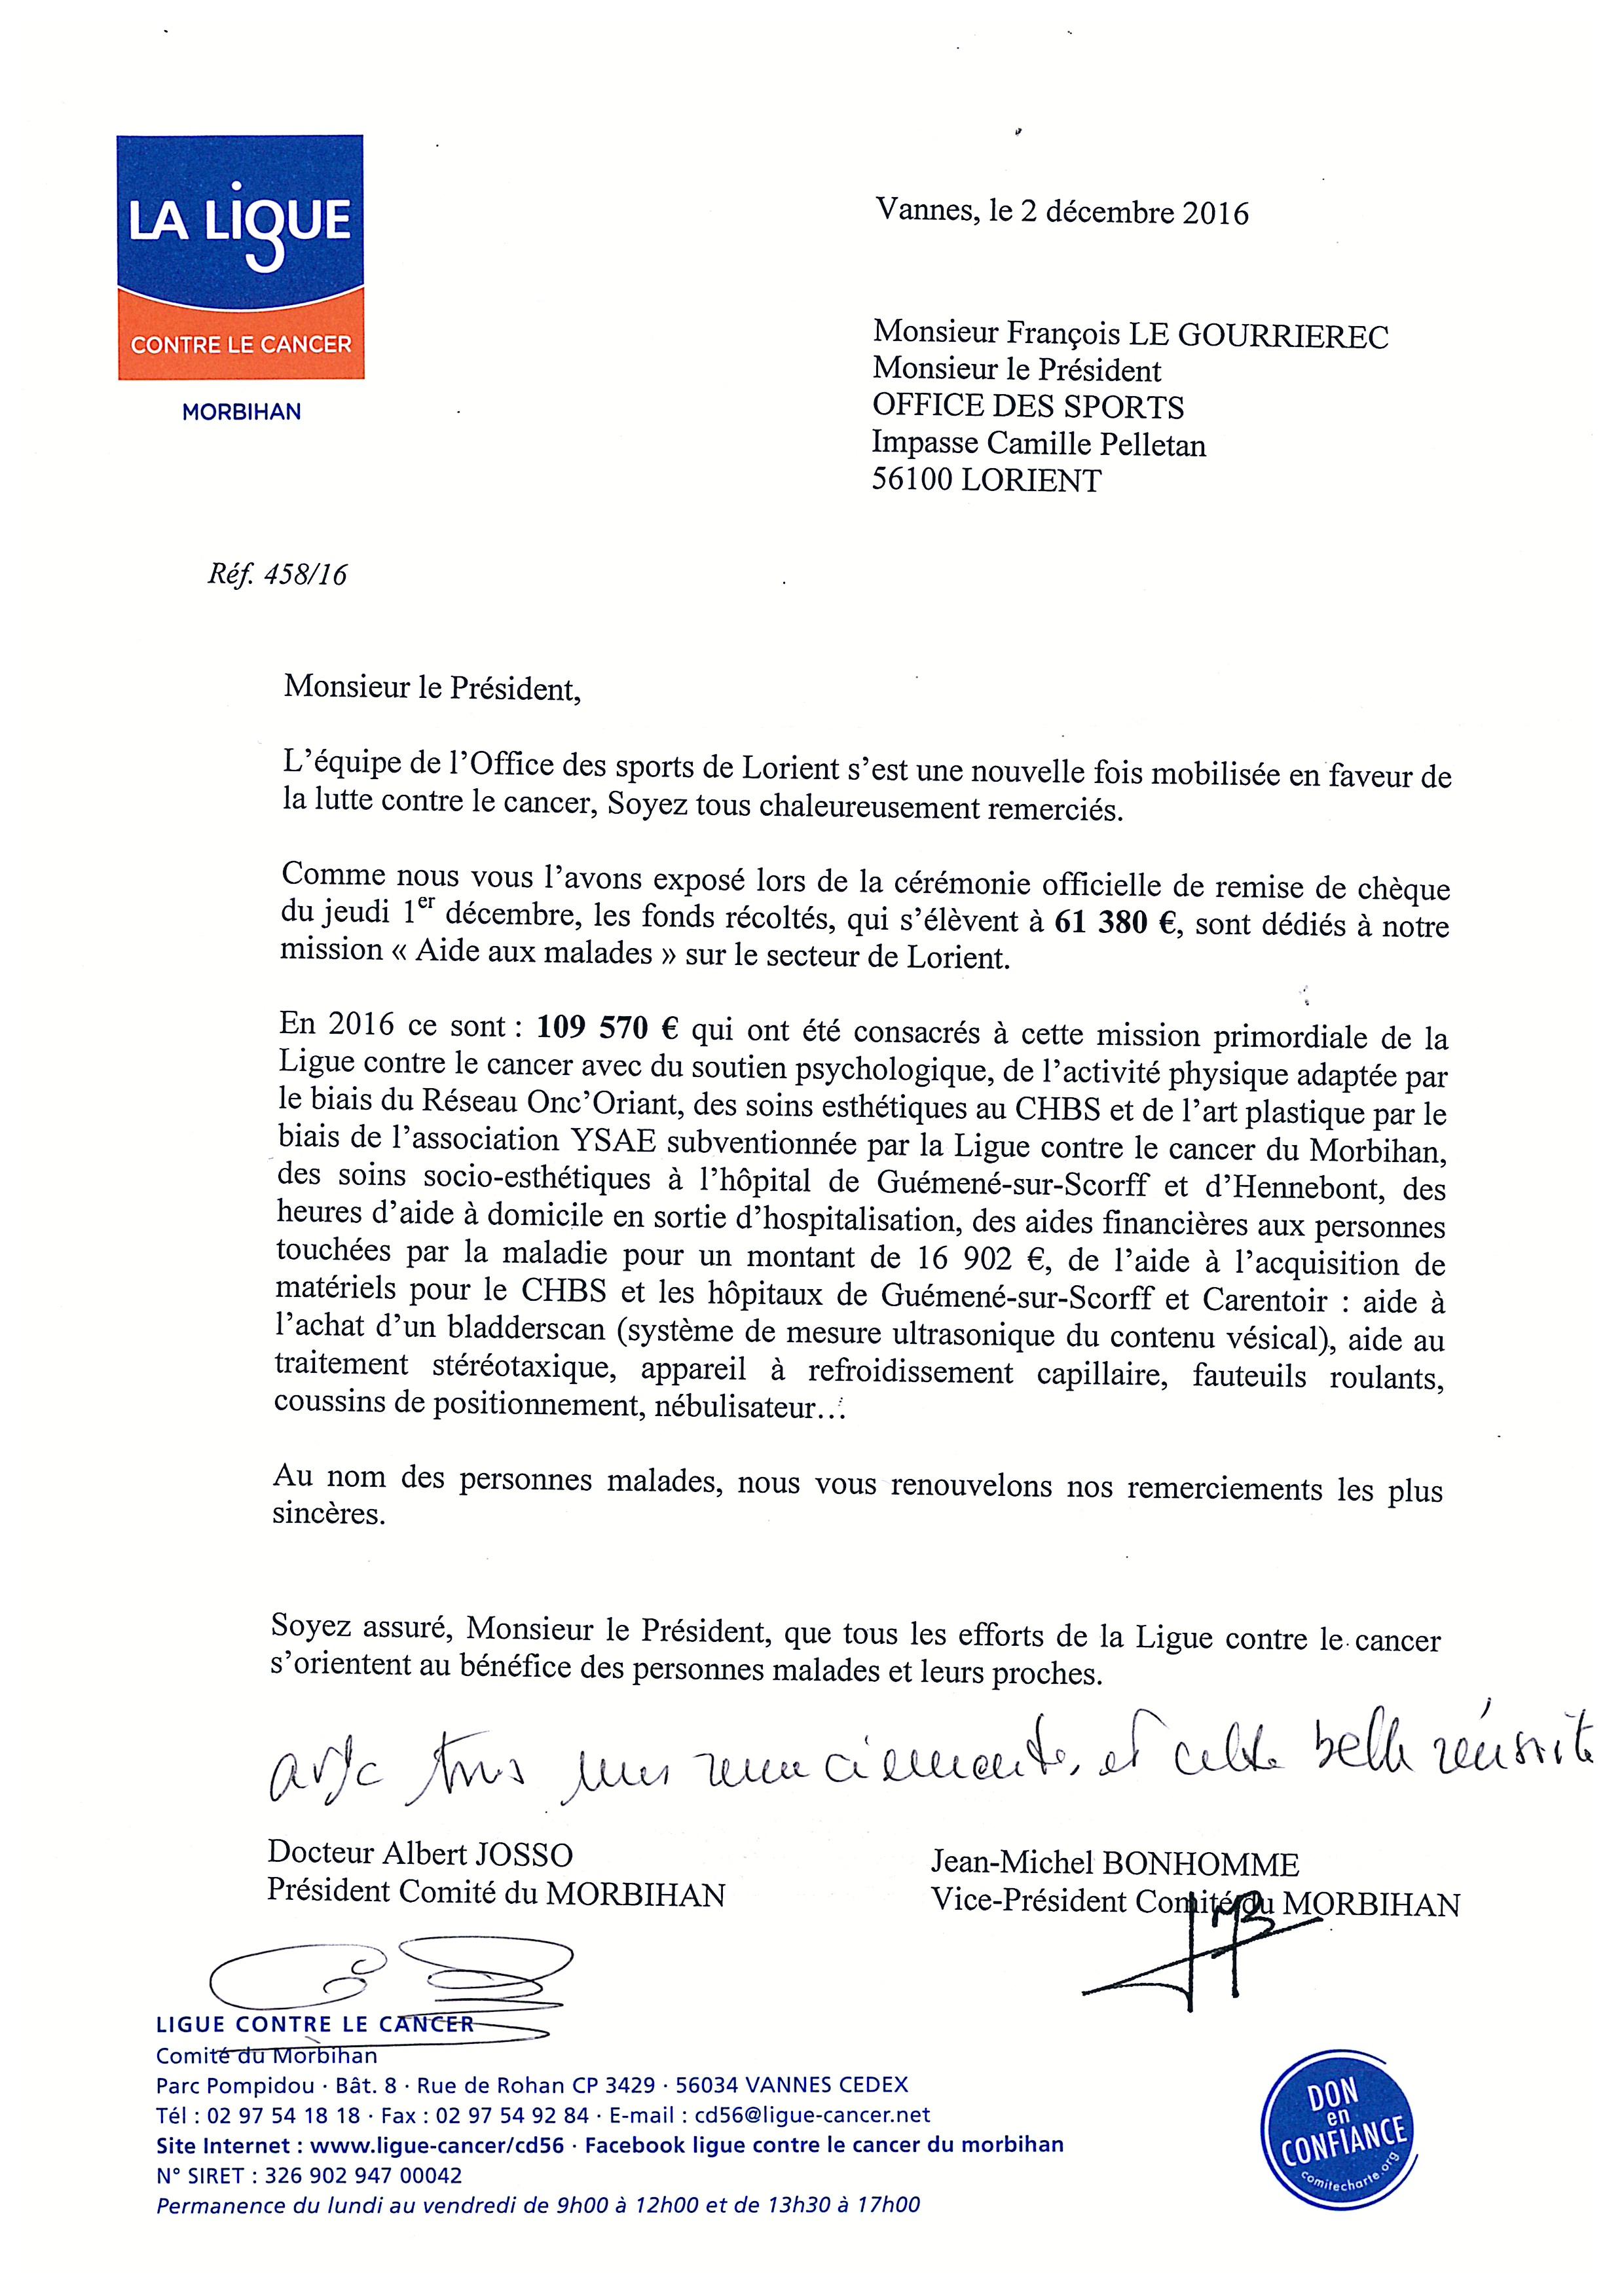 Lettre Remerciements Ligue Contre le Cancer Morbihan   La Lorientaise